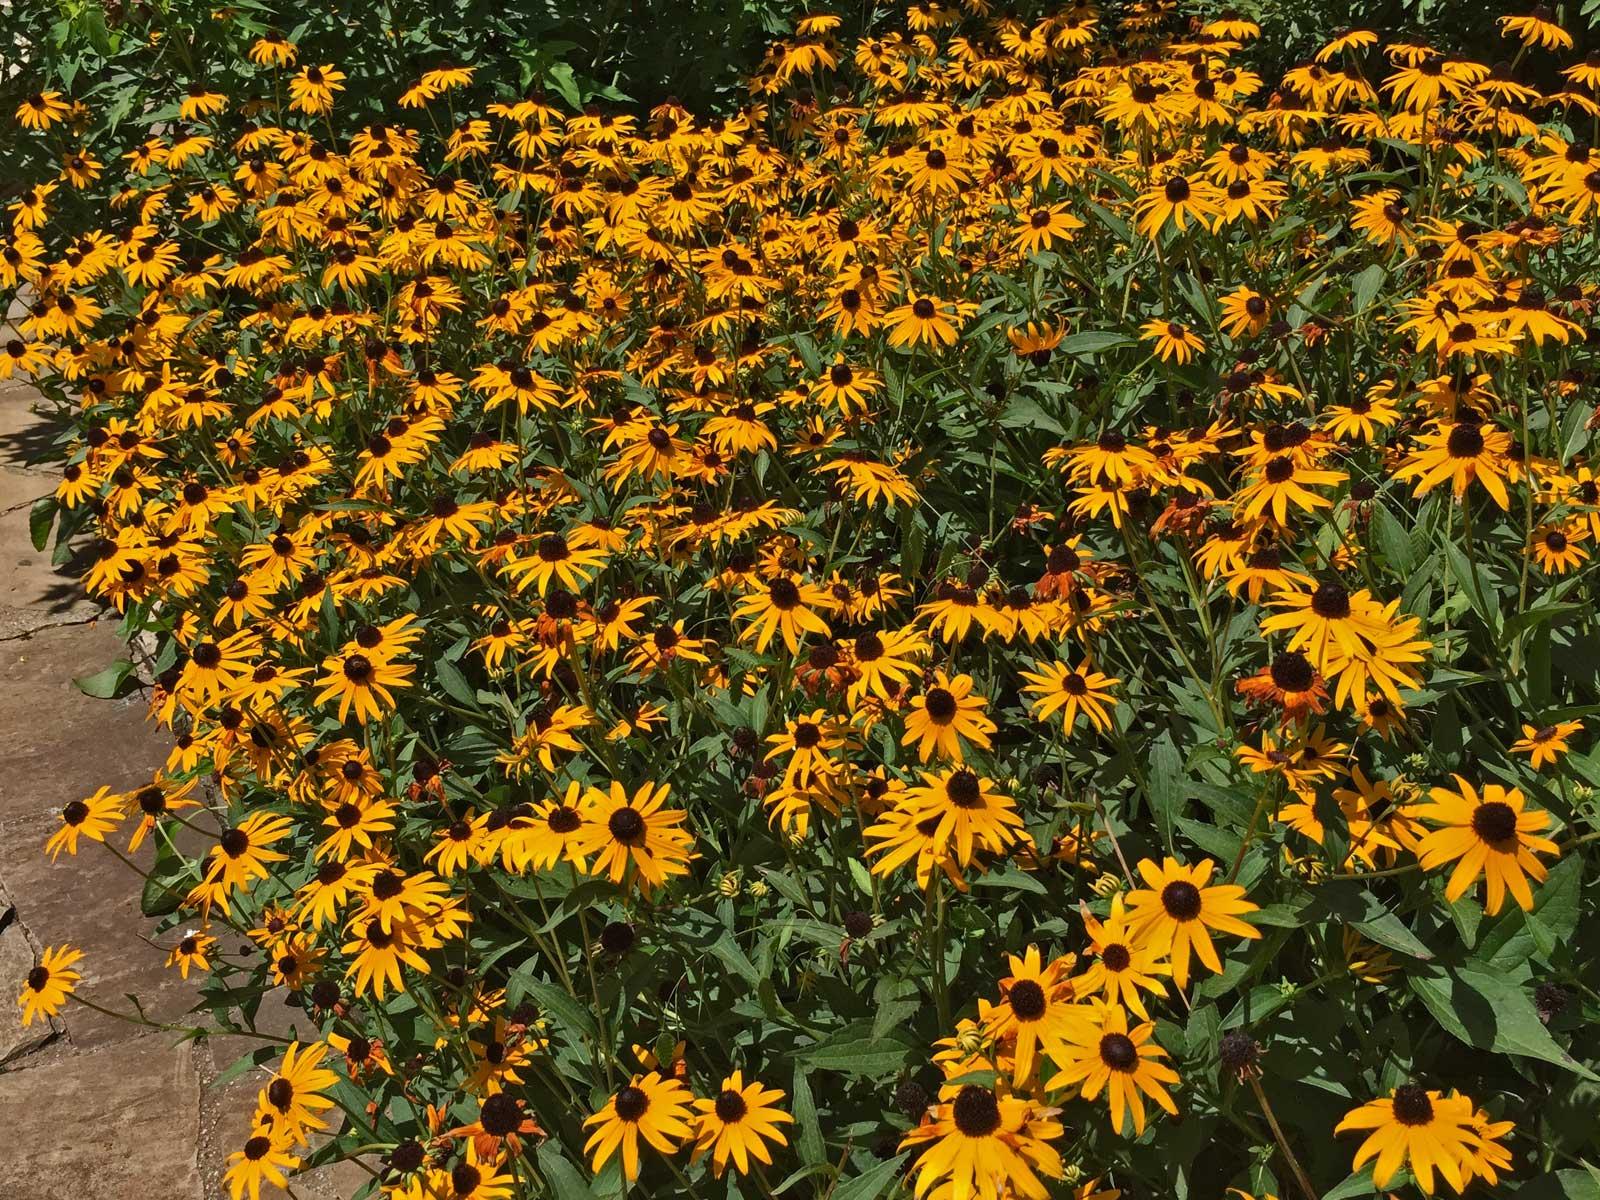 A summer staple for any garden. Balck-Eyed Susan (Rudbeckia triloba)